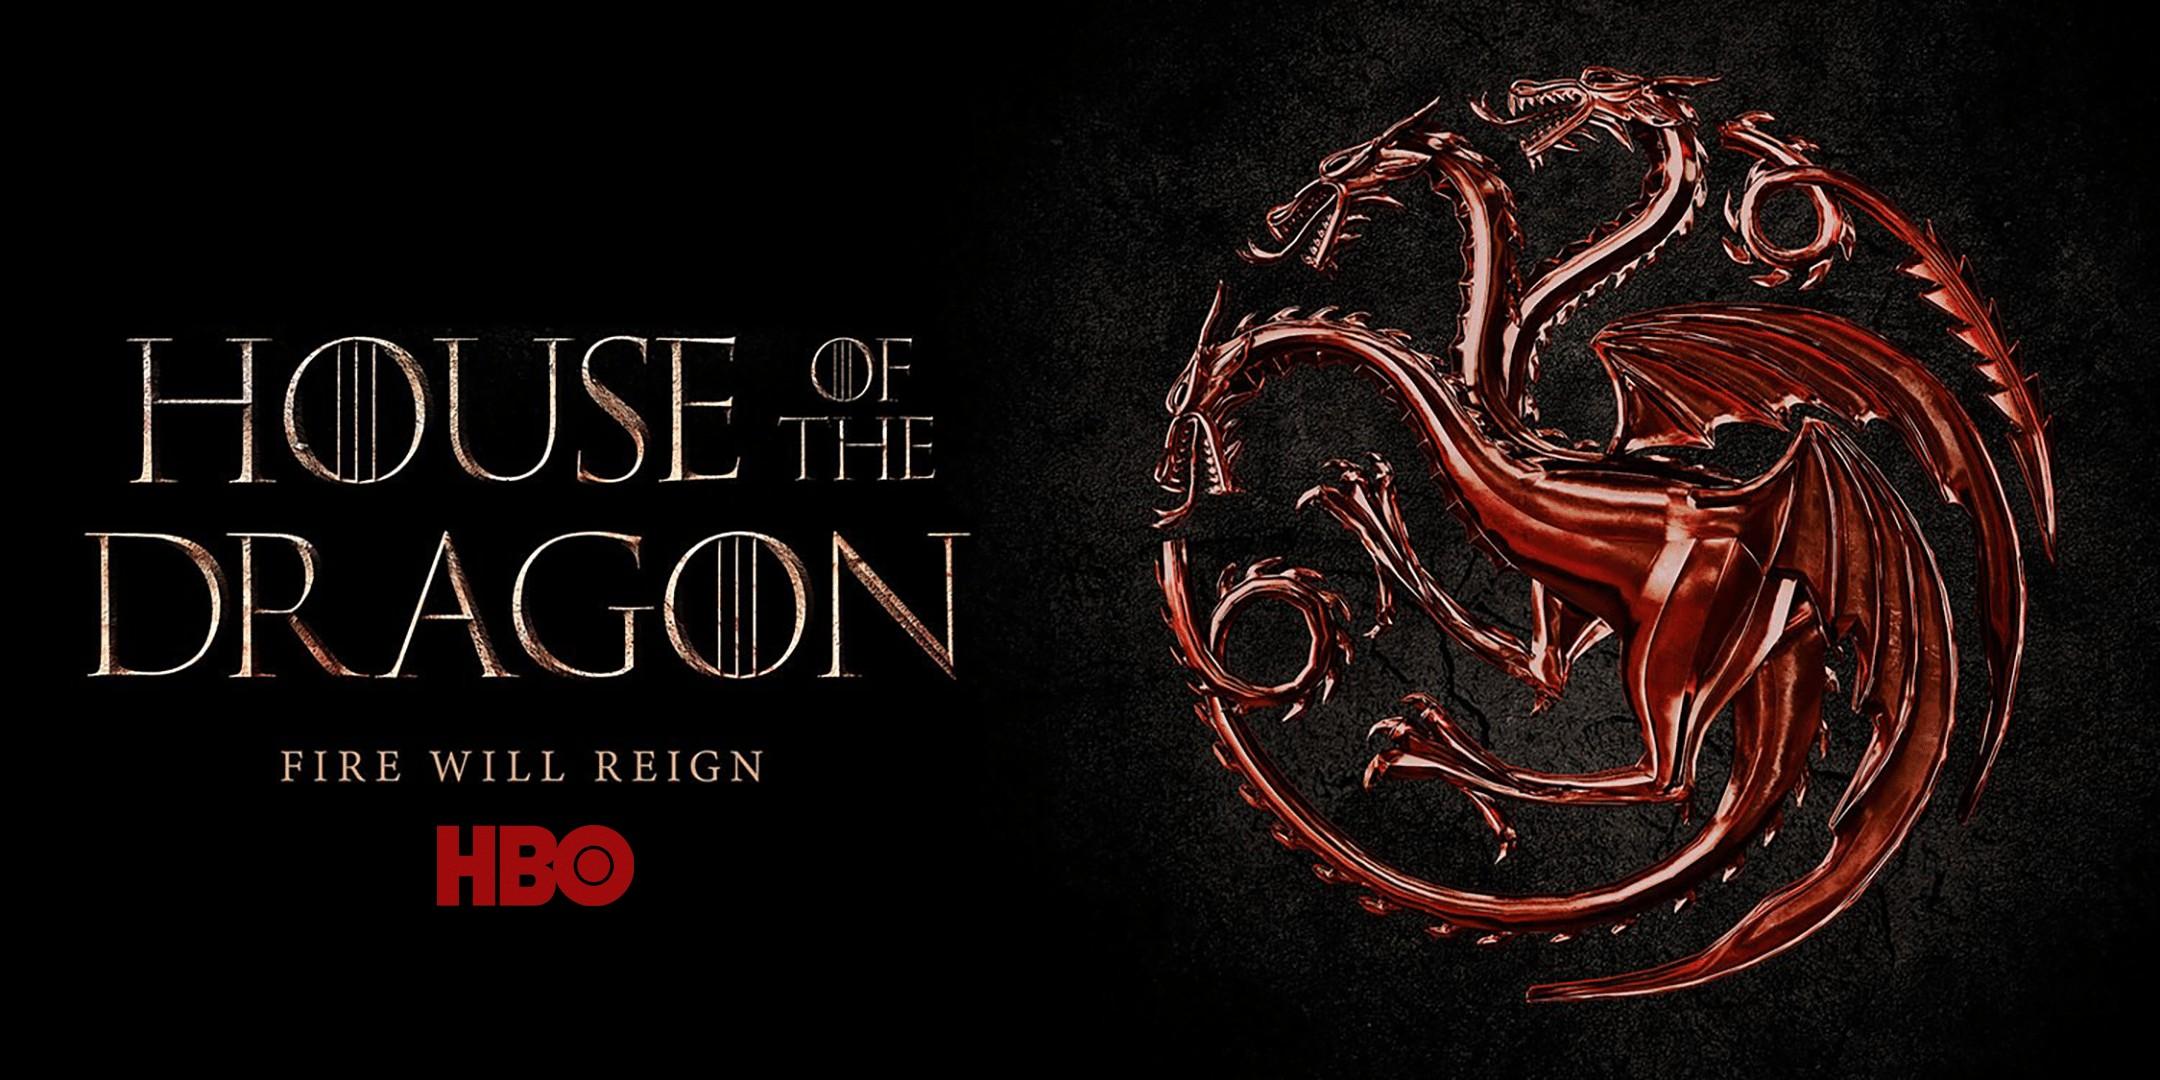 House of the Dragon, derivado de Game of Thrones, começa produção - GQ |  Cultura